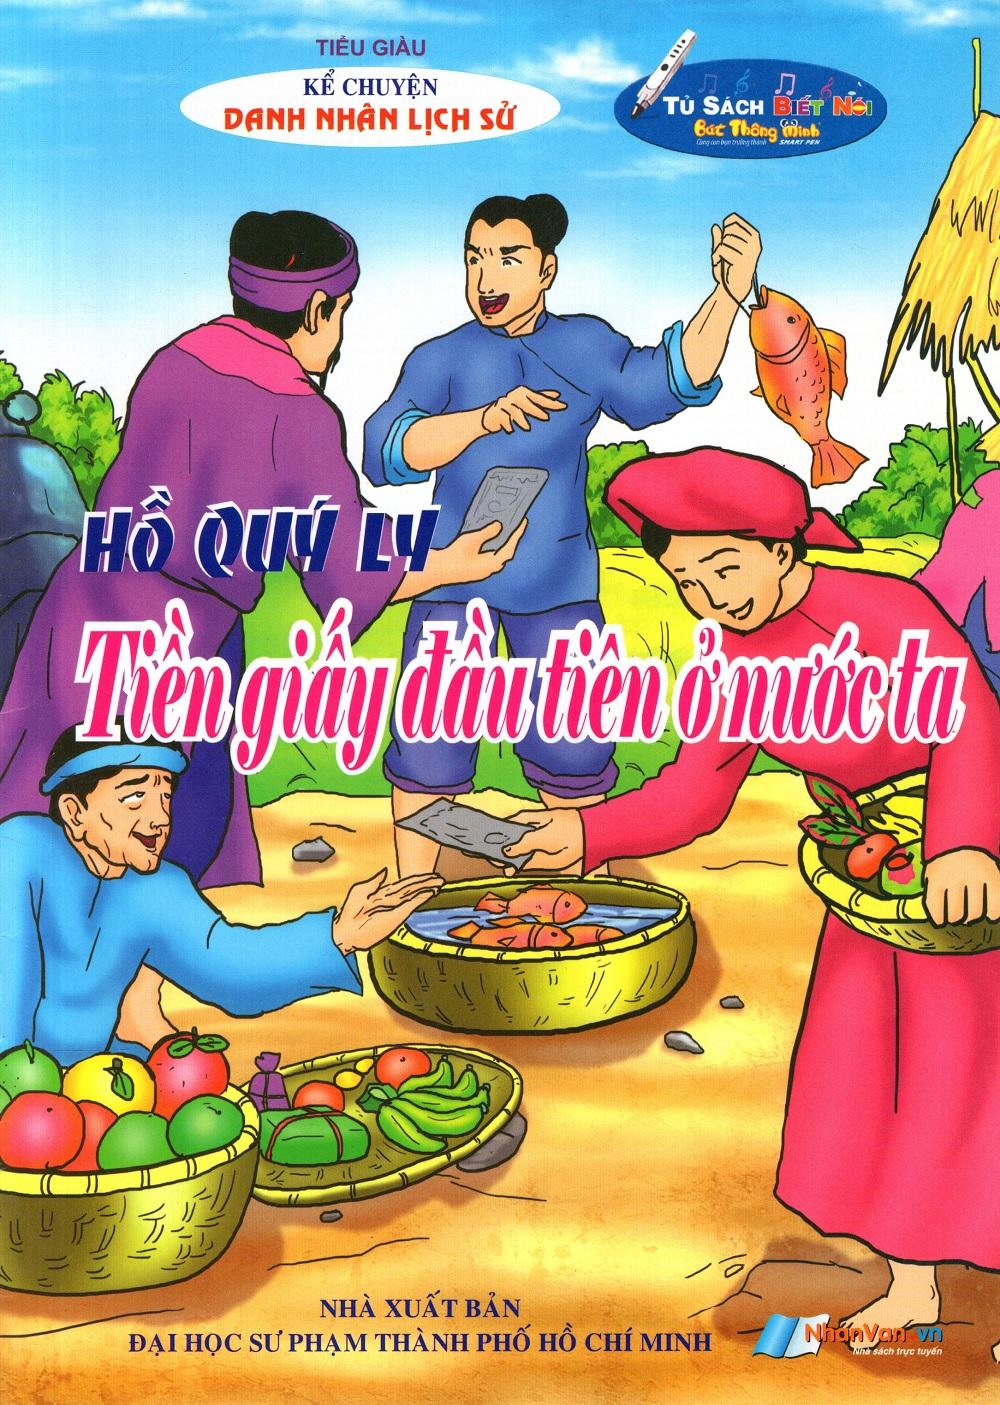 Bìa sách Kể Chuyện Danh Nhân Lịch Sử: Hồ Quý Ly - Tiền Giấy Đầu Tiên Ở Nước Ta